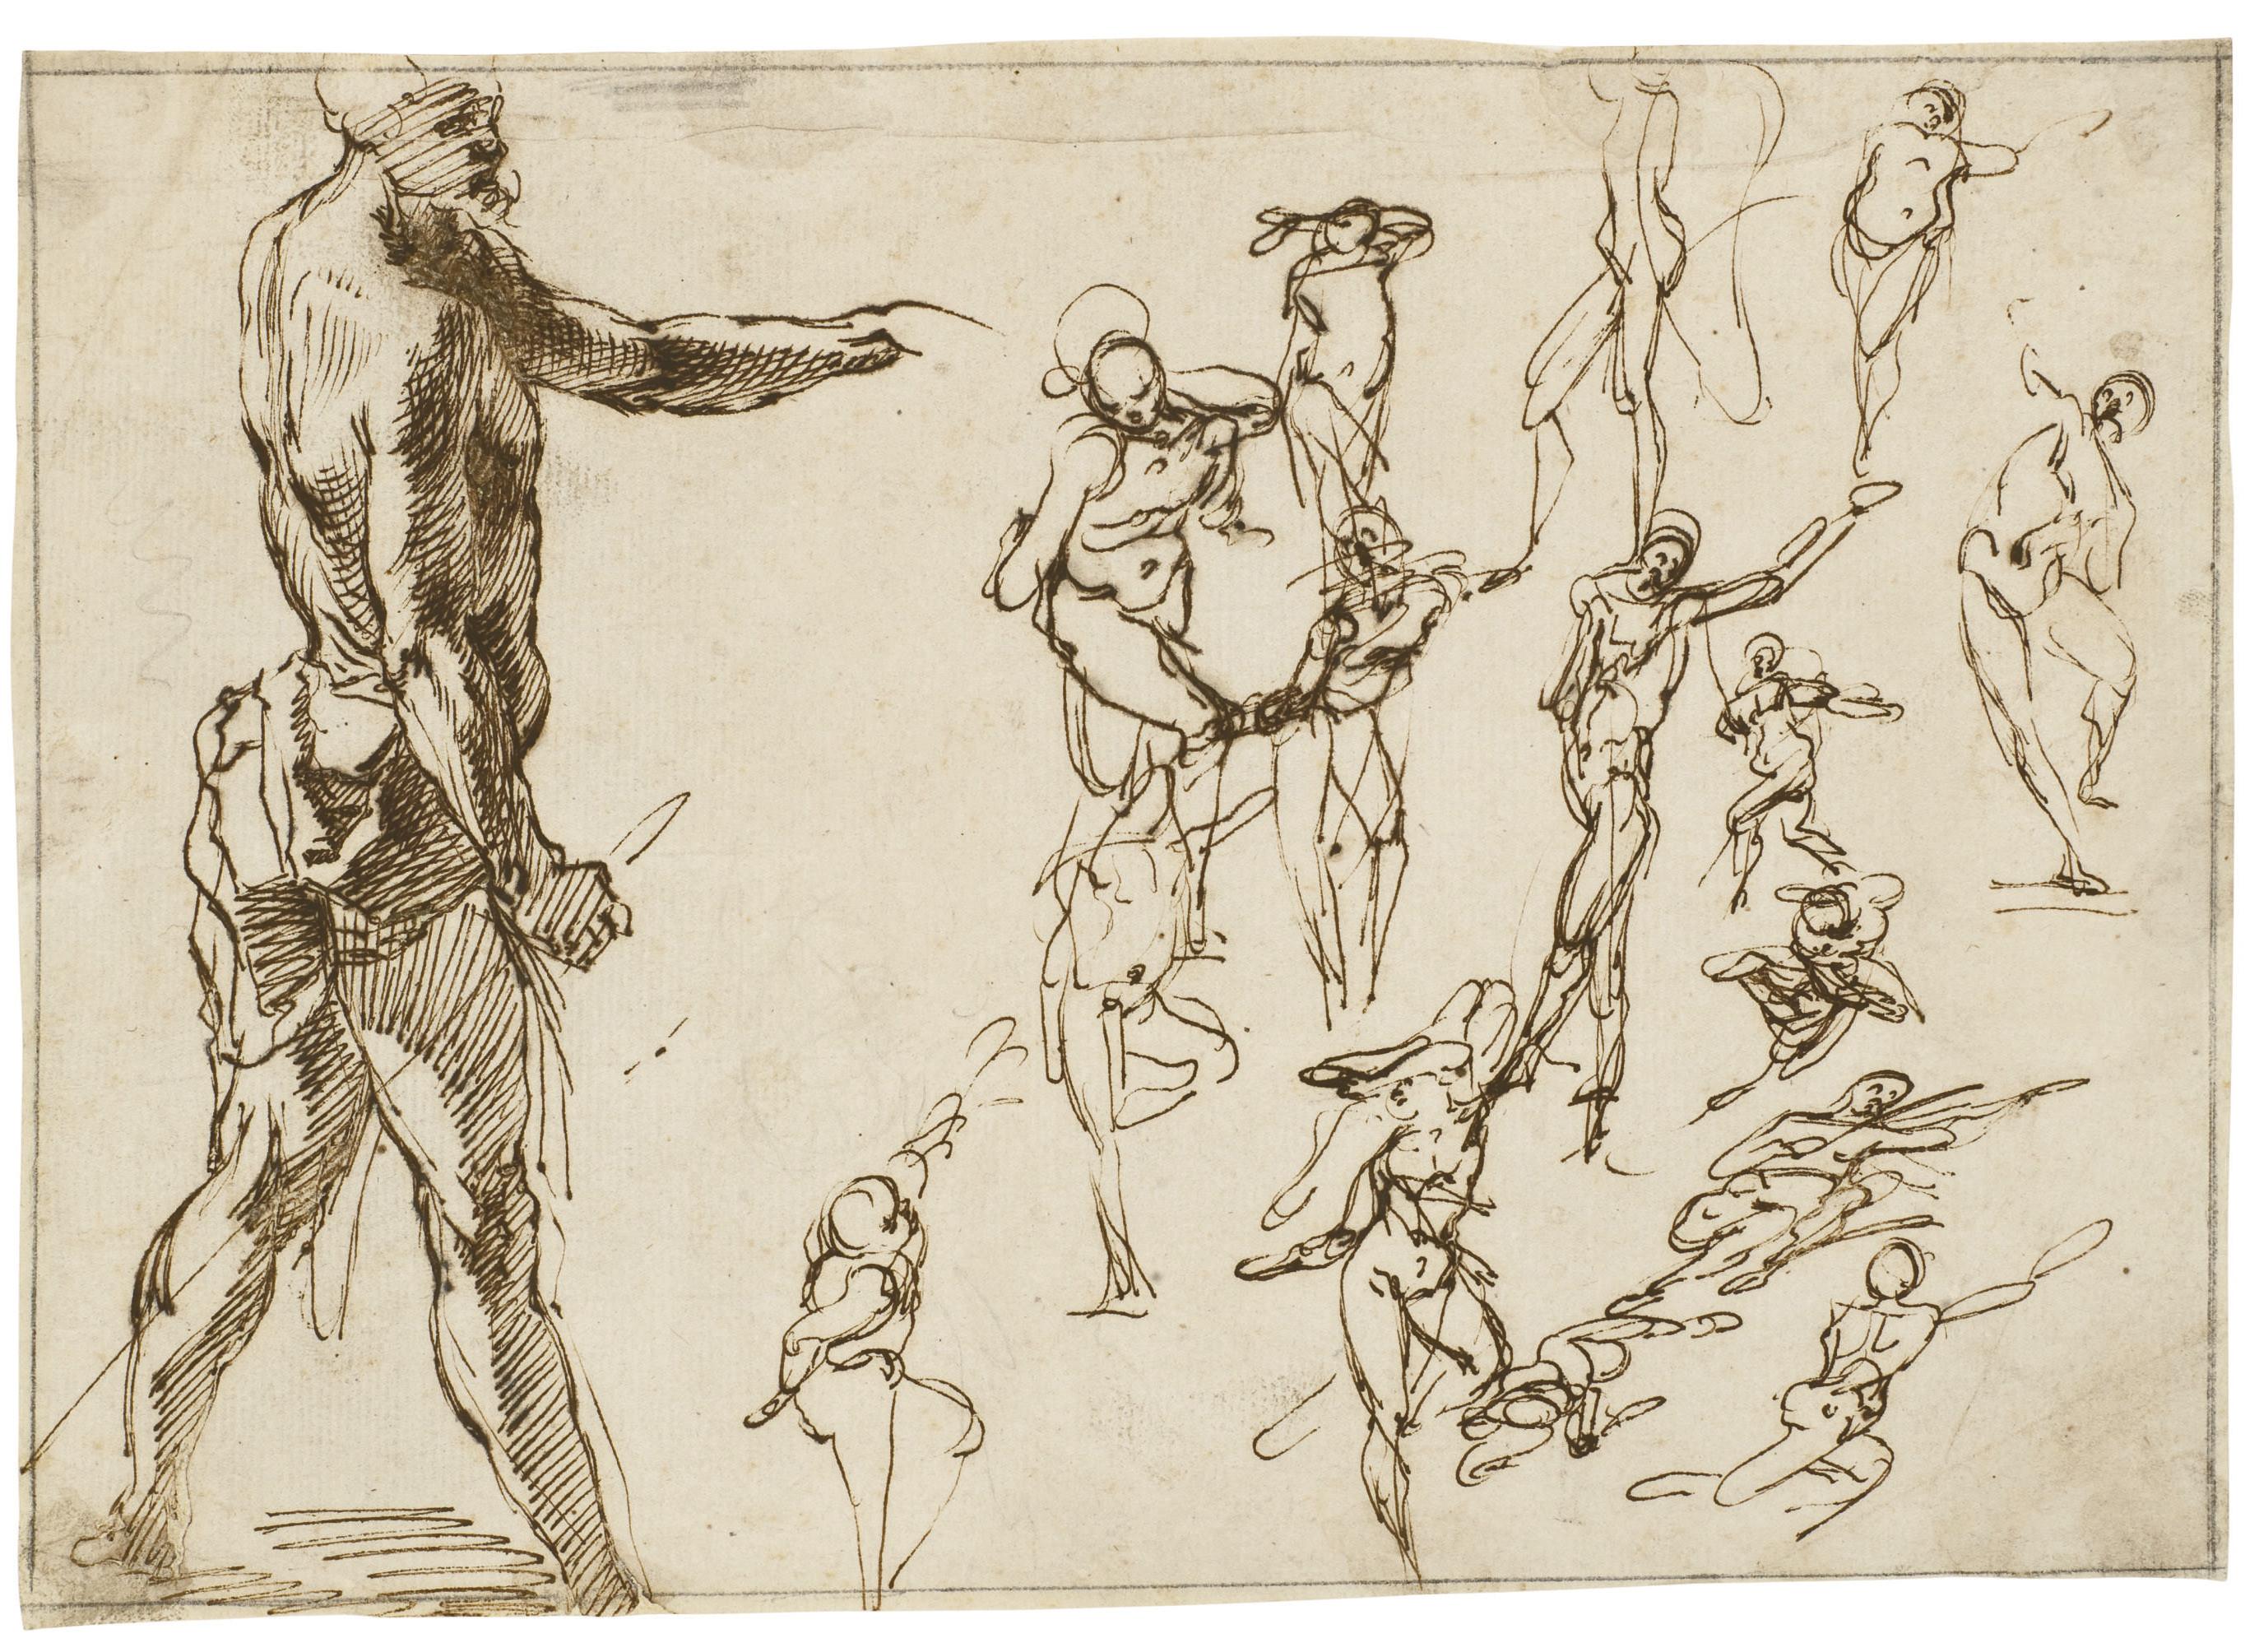 AGOSTINO CARRACCI (BOLOGNA 1557-1602 PARMA)